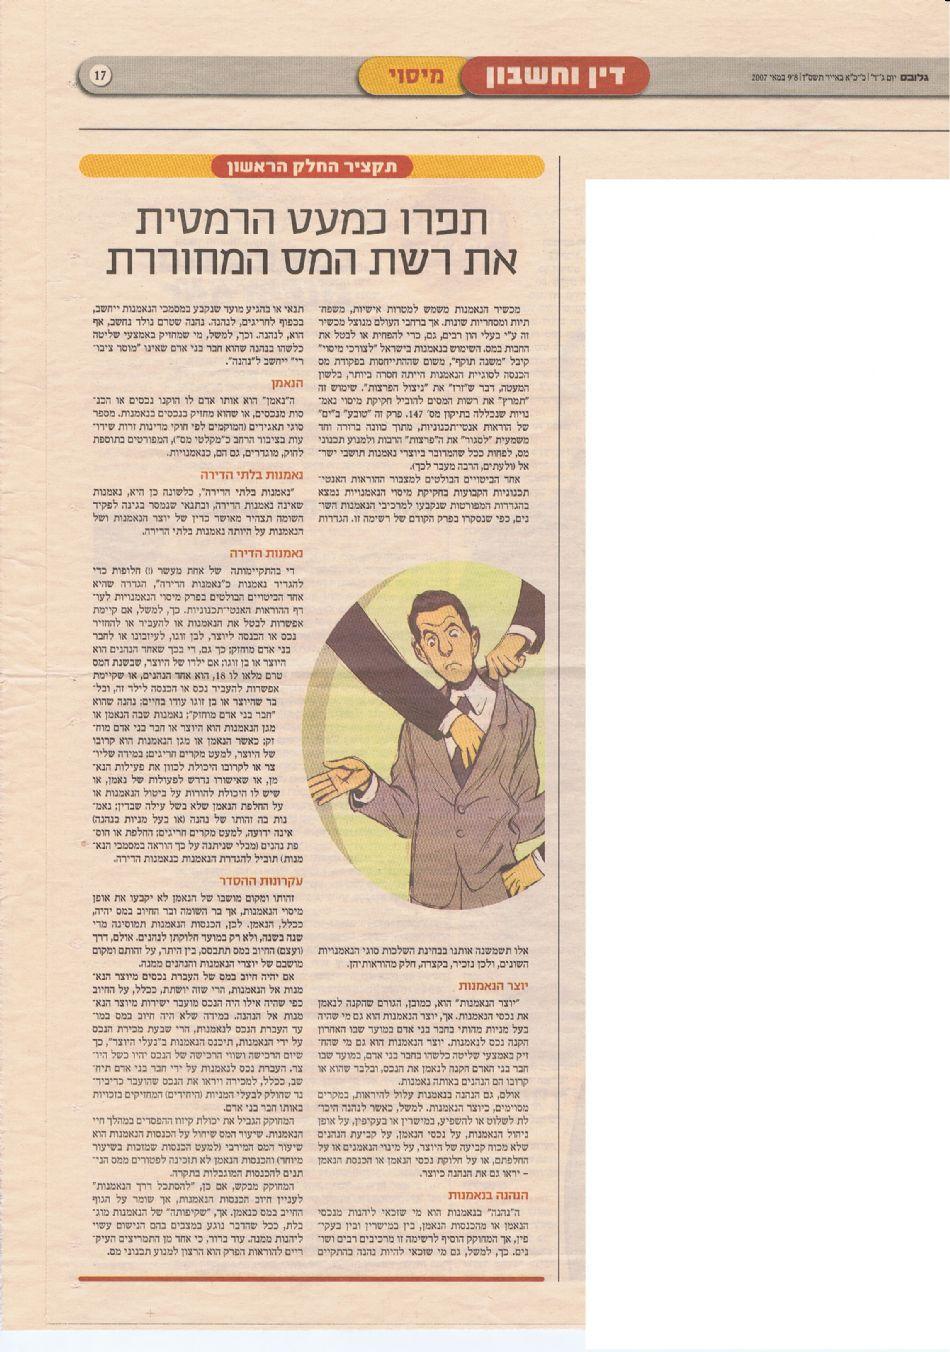 """החו""""ל משתלם – נאמנות במבחן, עו""""ד דוד גולדמן"""